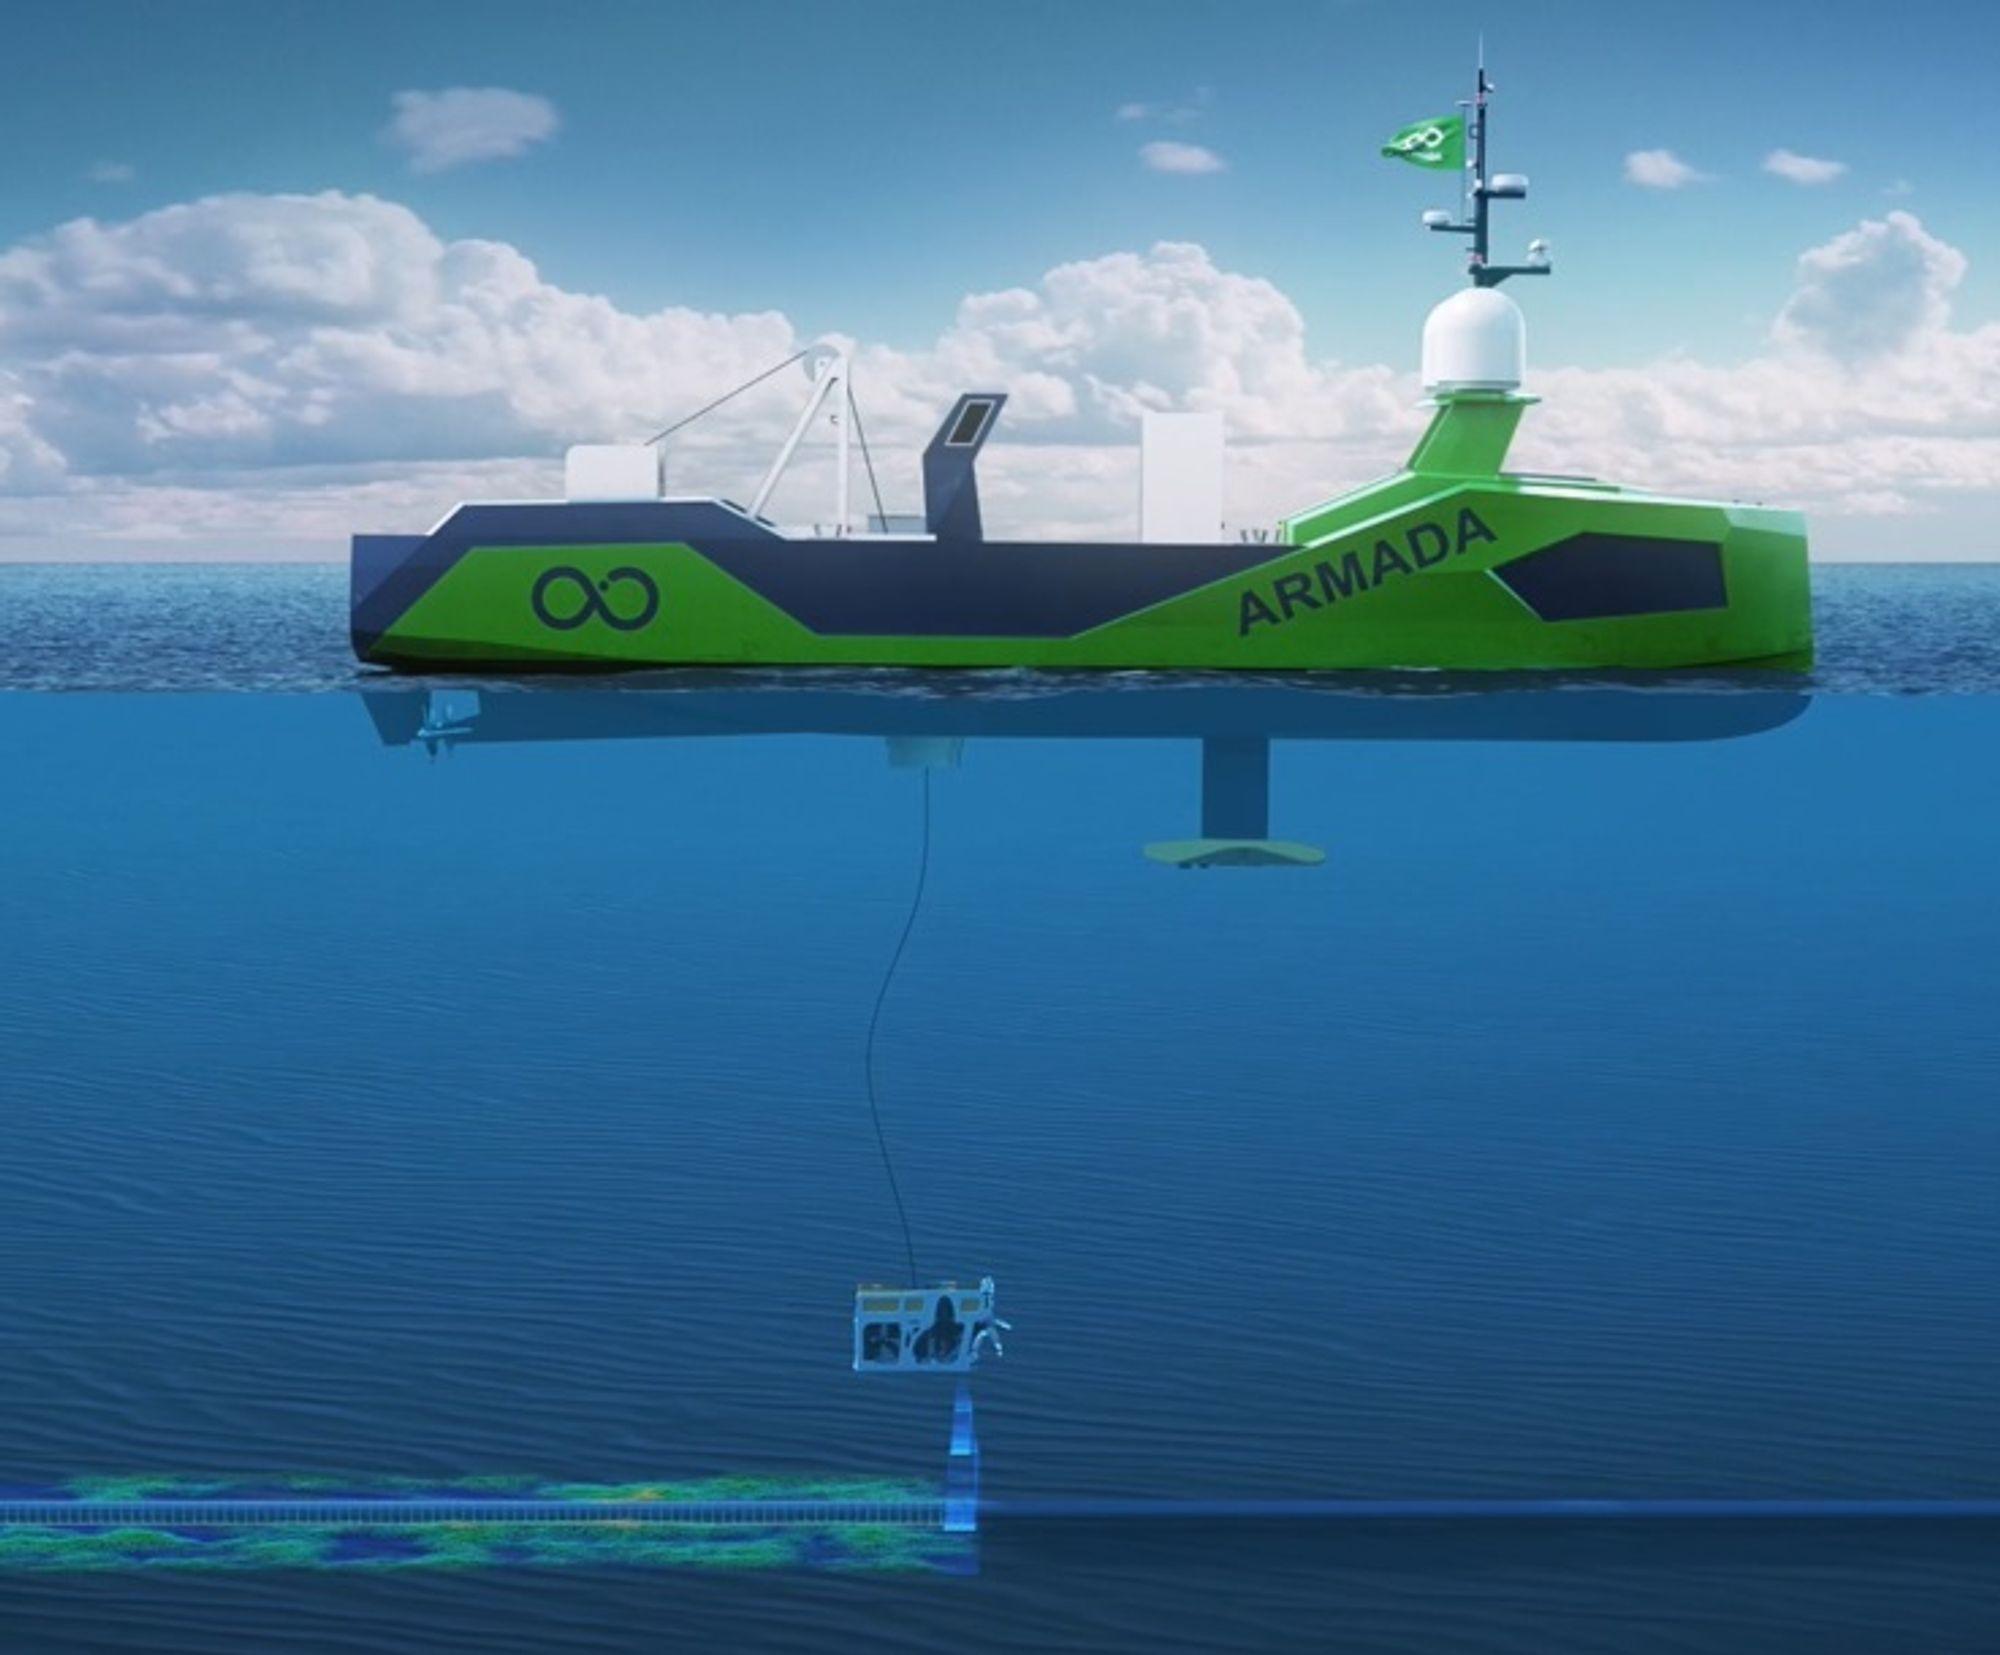 Gjennom en moonpool skal ROV-er settes ut og hentes opp med et system utviklet av Kongsberg Deck Machinery & Motion Control.